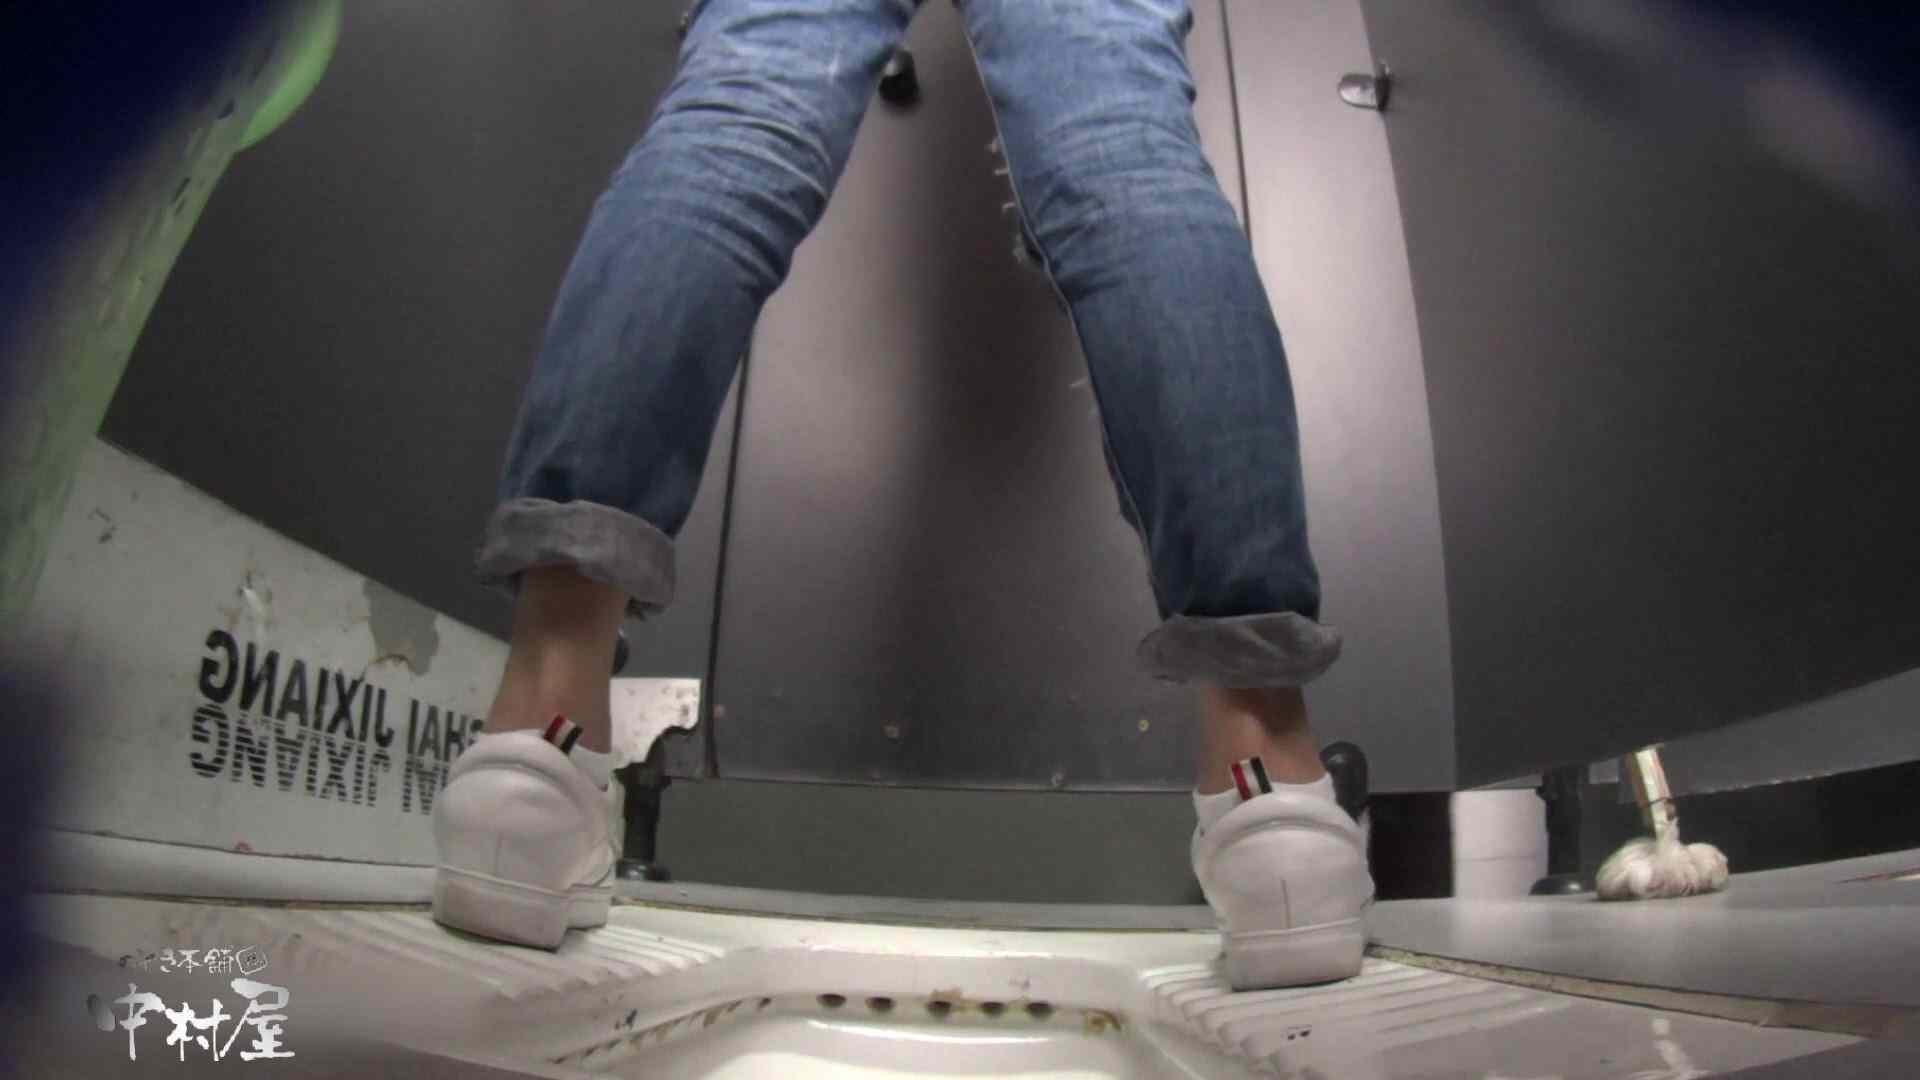 グレースパッツお女市さん 大学休憩時間の洗面所事情31 洗面所編 すけべAV動画紹介 96PIX 18